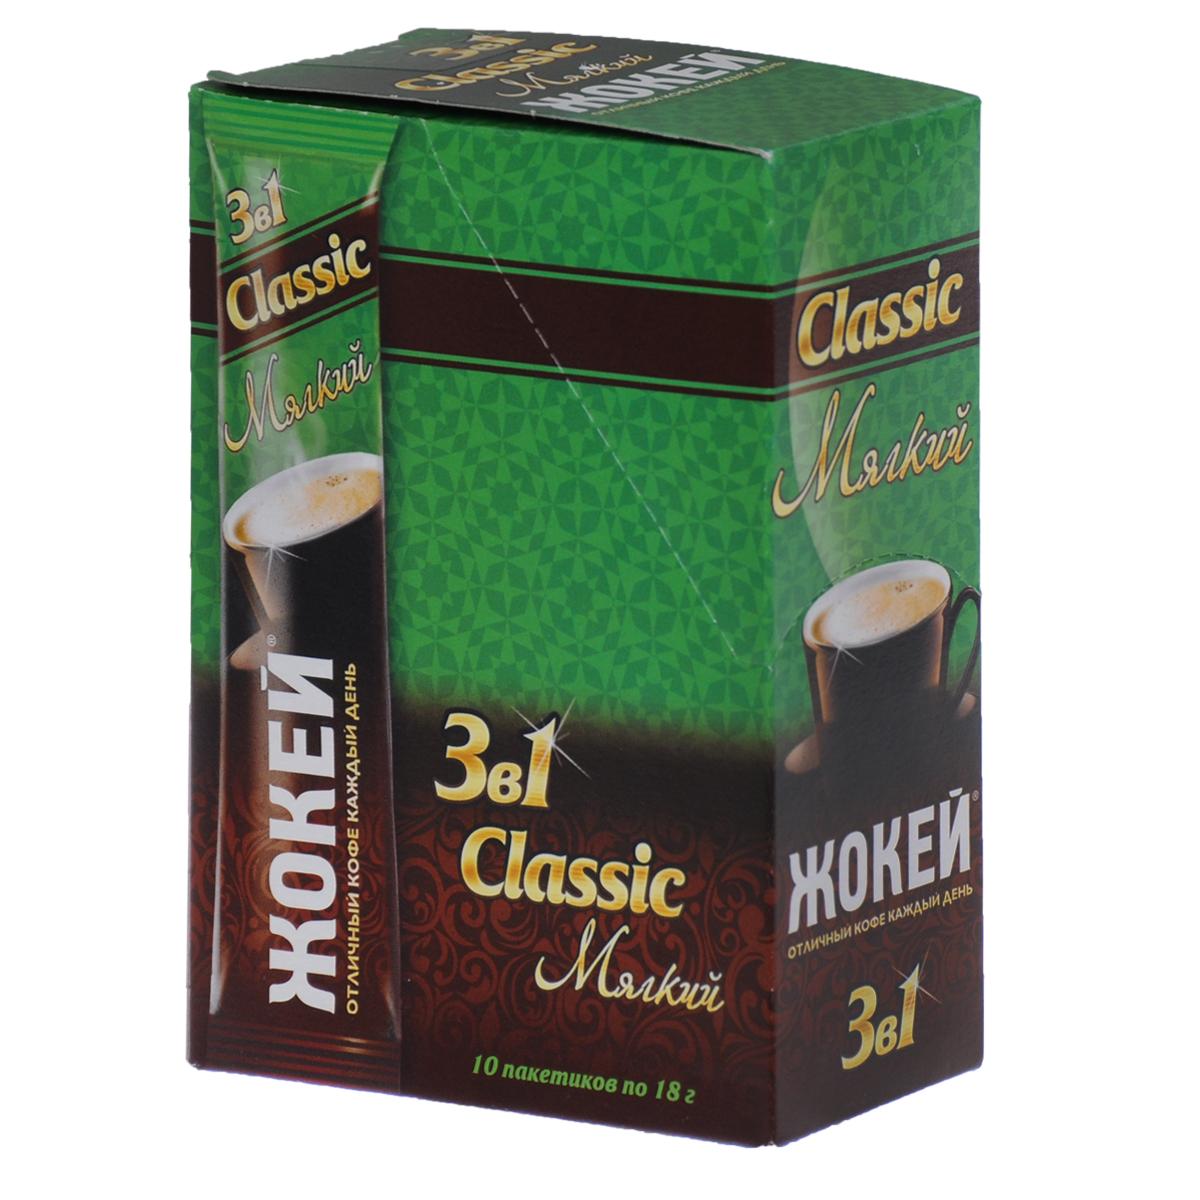 Жокей Classic растворимый кофейный напиток, 10 шт0120710Жокей Classic - растворимый кофе с сахаром и сливками. Классическое сочетание кофе, сливок и сахара.